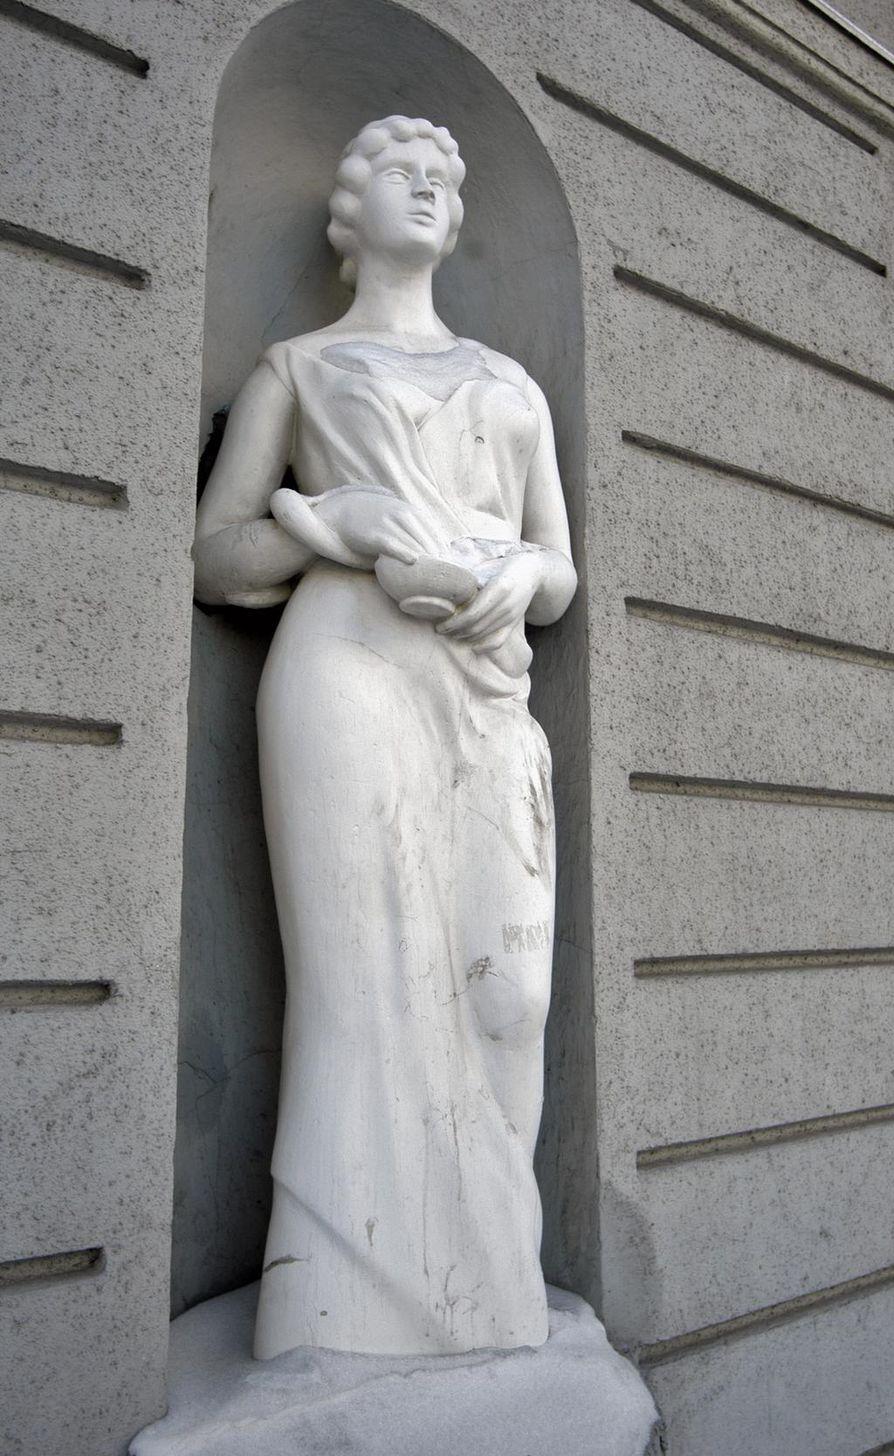 Hygieia, terveyden ja puhtauden jumalatar, jonka maljasta käärme juo. Sana hygienia tulee nimestä.